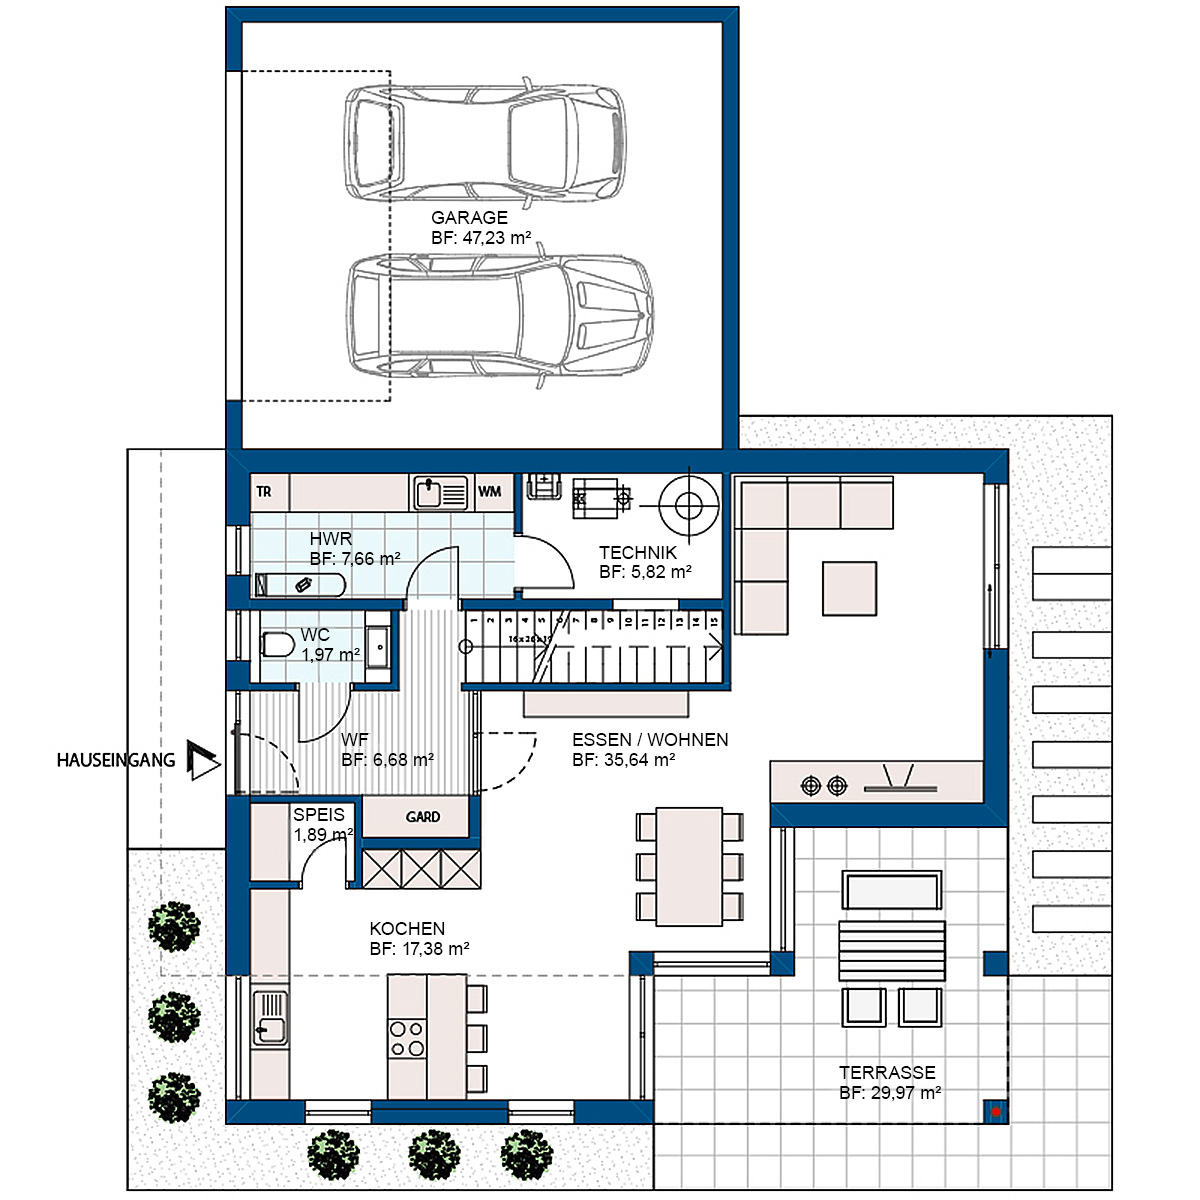 postler bau ein haus ein wort. Black Bedroom Furniture Sets. Home Design Ideas